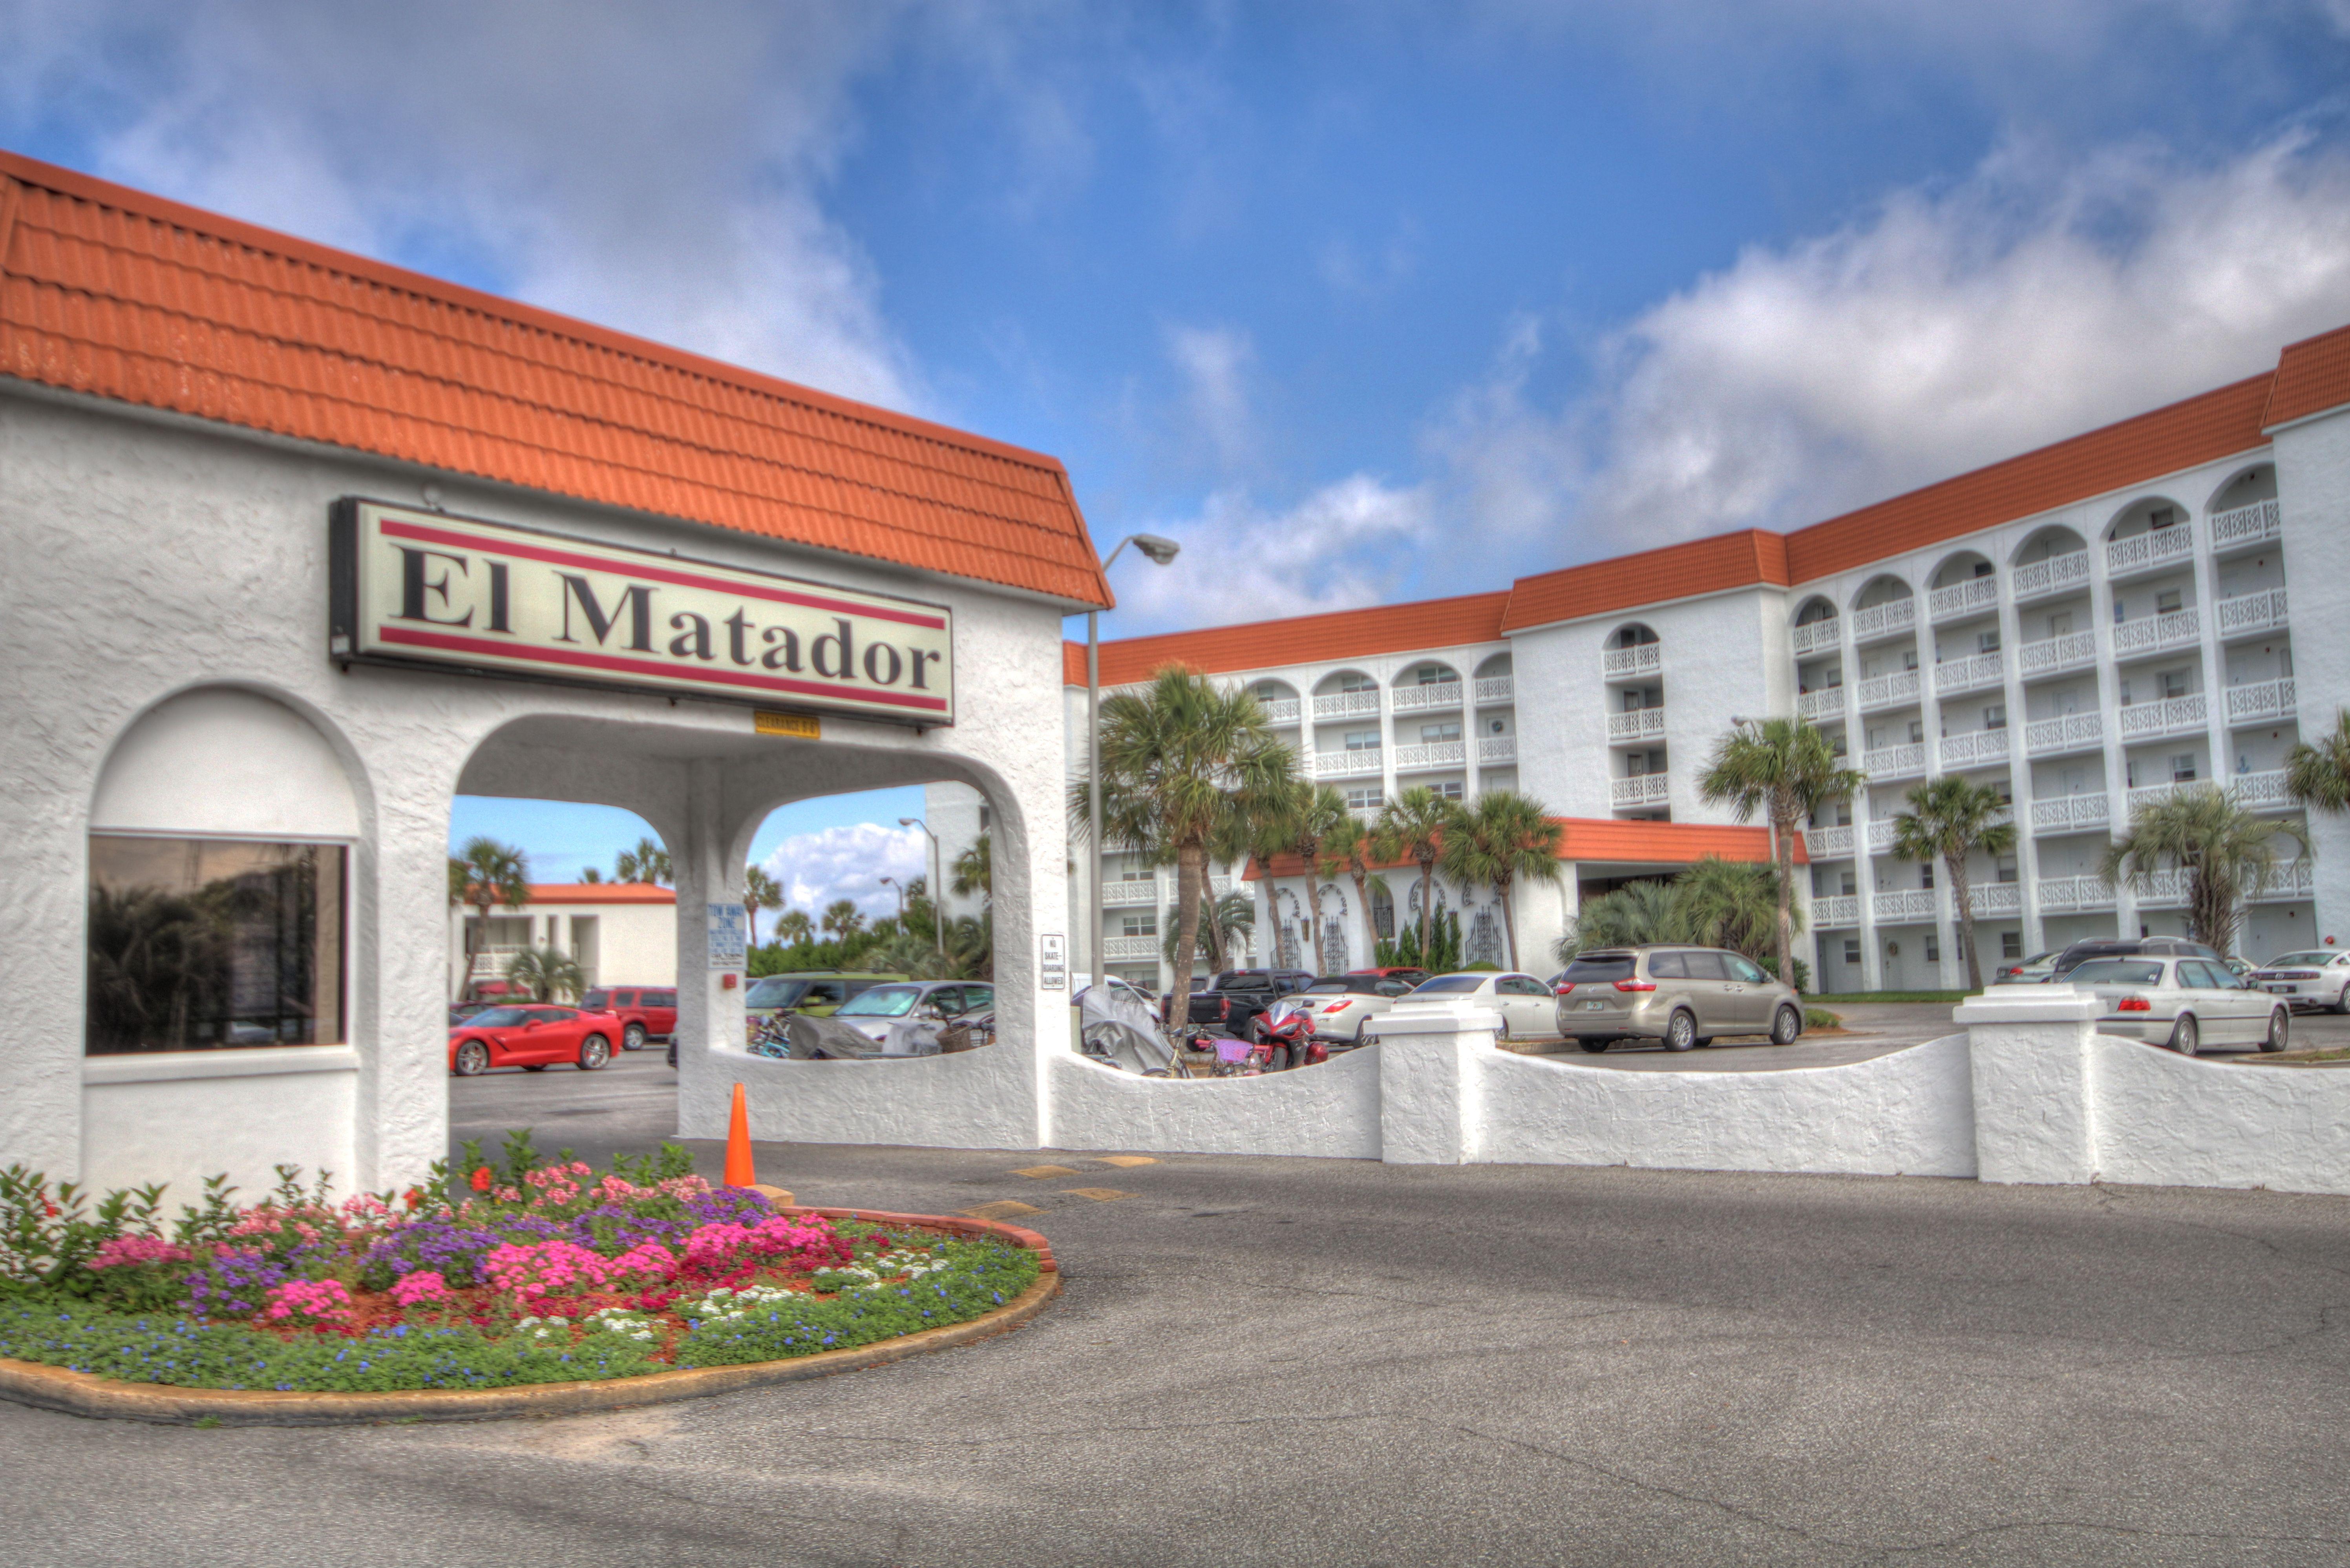 El Matador Resort – Ft. Walton Beach